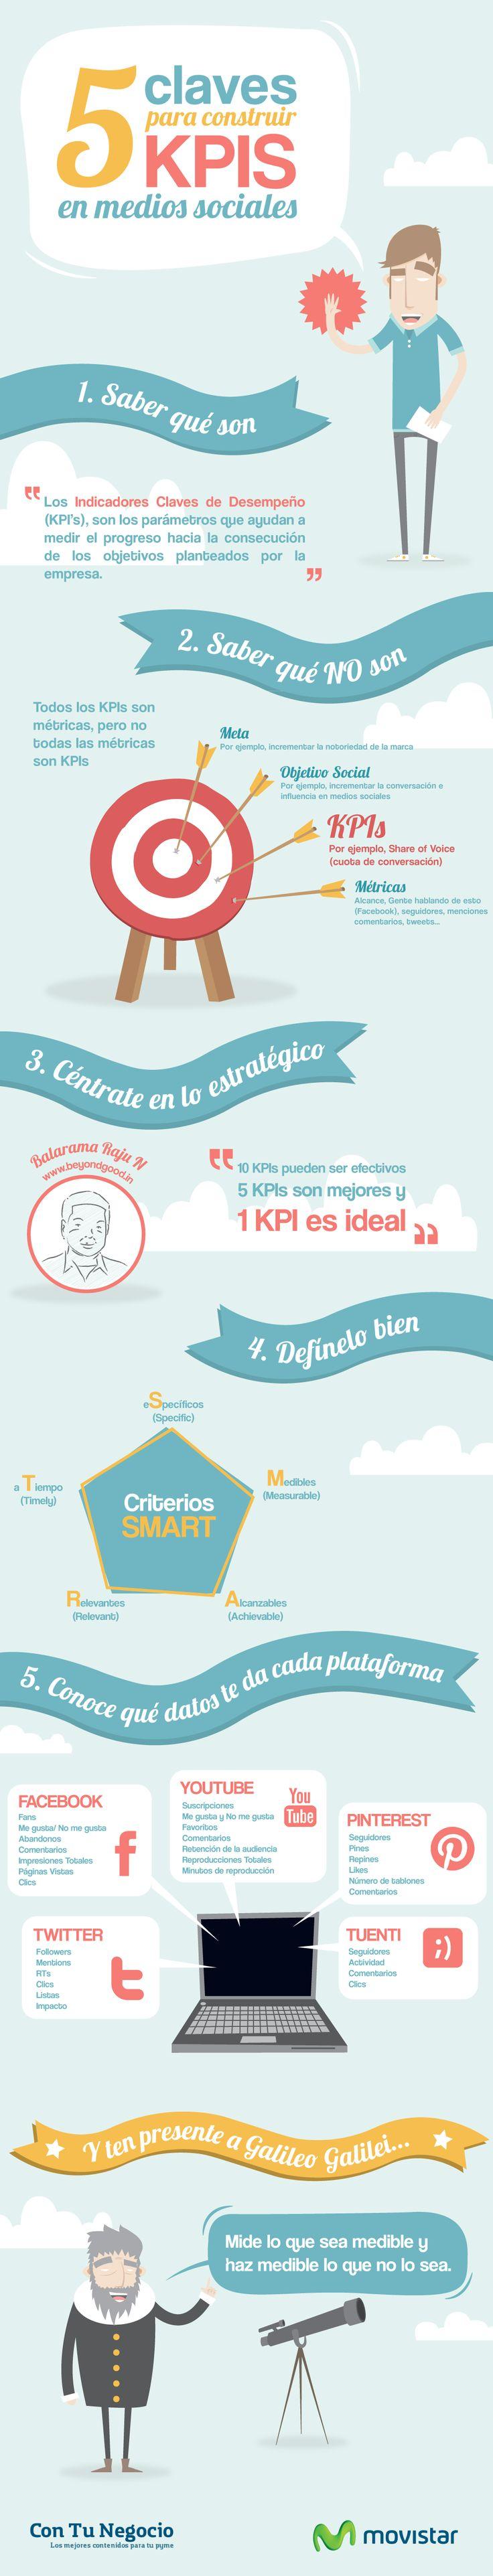 5 Claves para construir KPI´s en Medios Sociales.